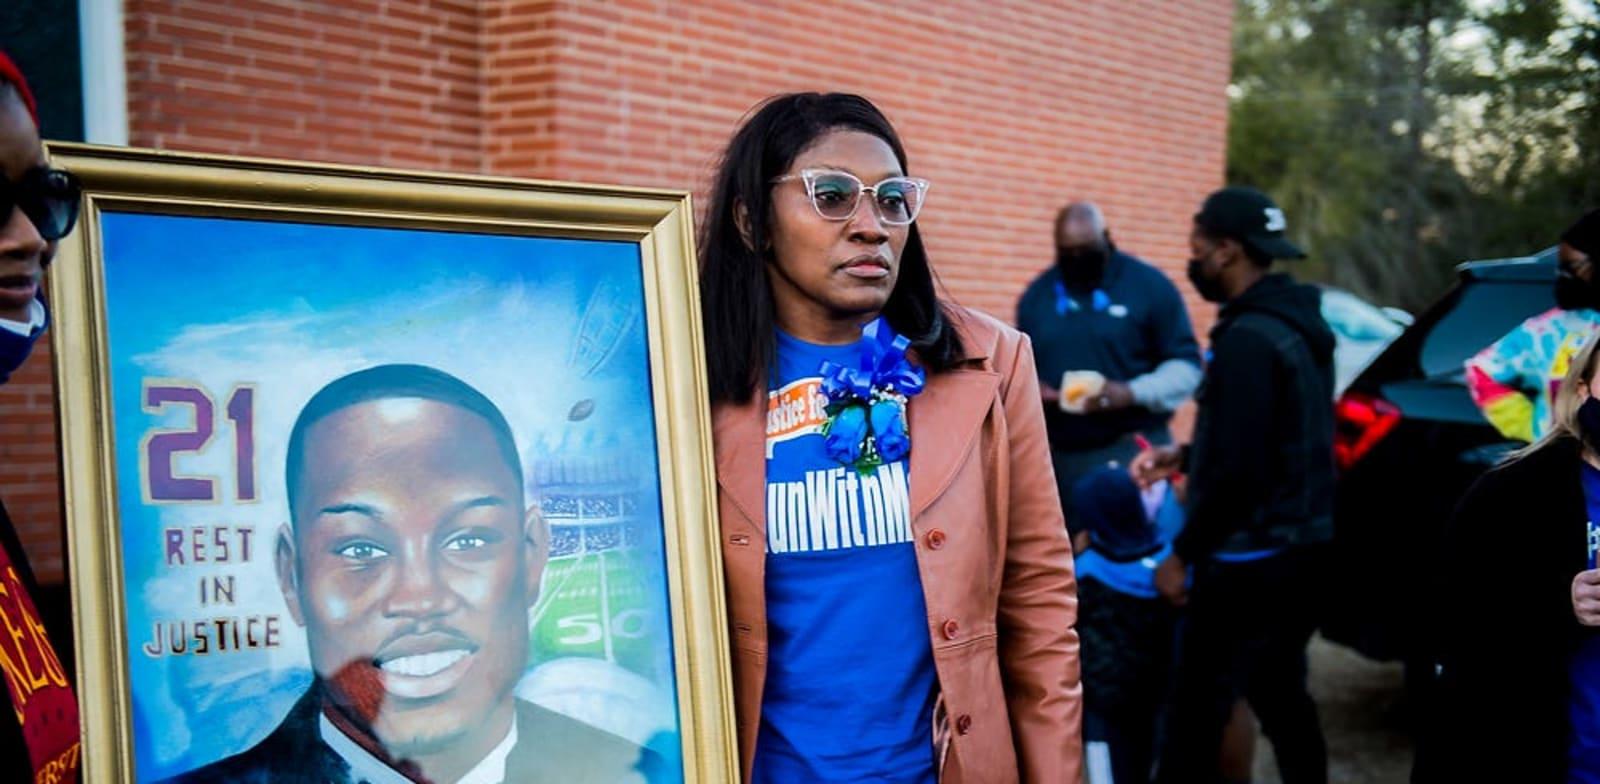 אזכרה לזכרו של קורבן פשע שנאה בארה''ב / צילום: Reuters